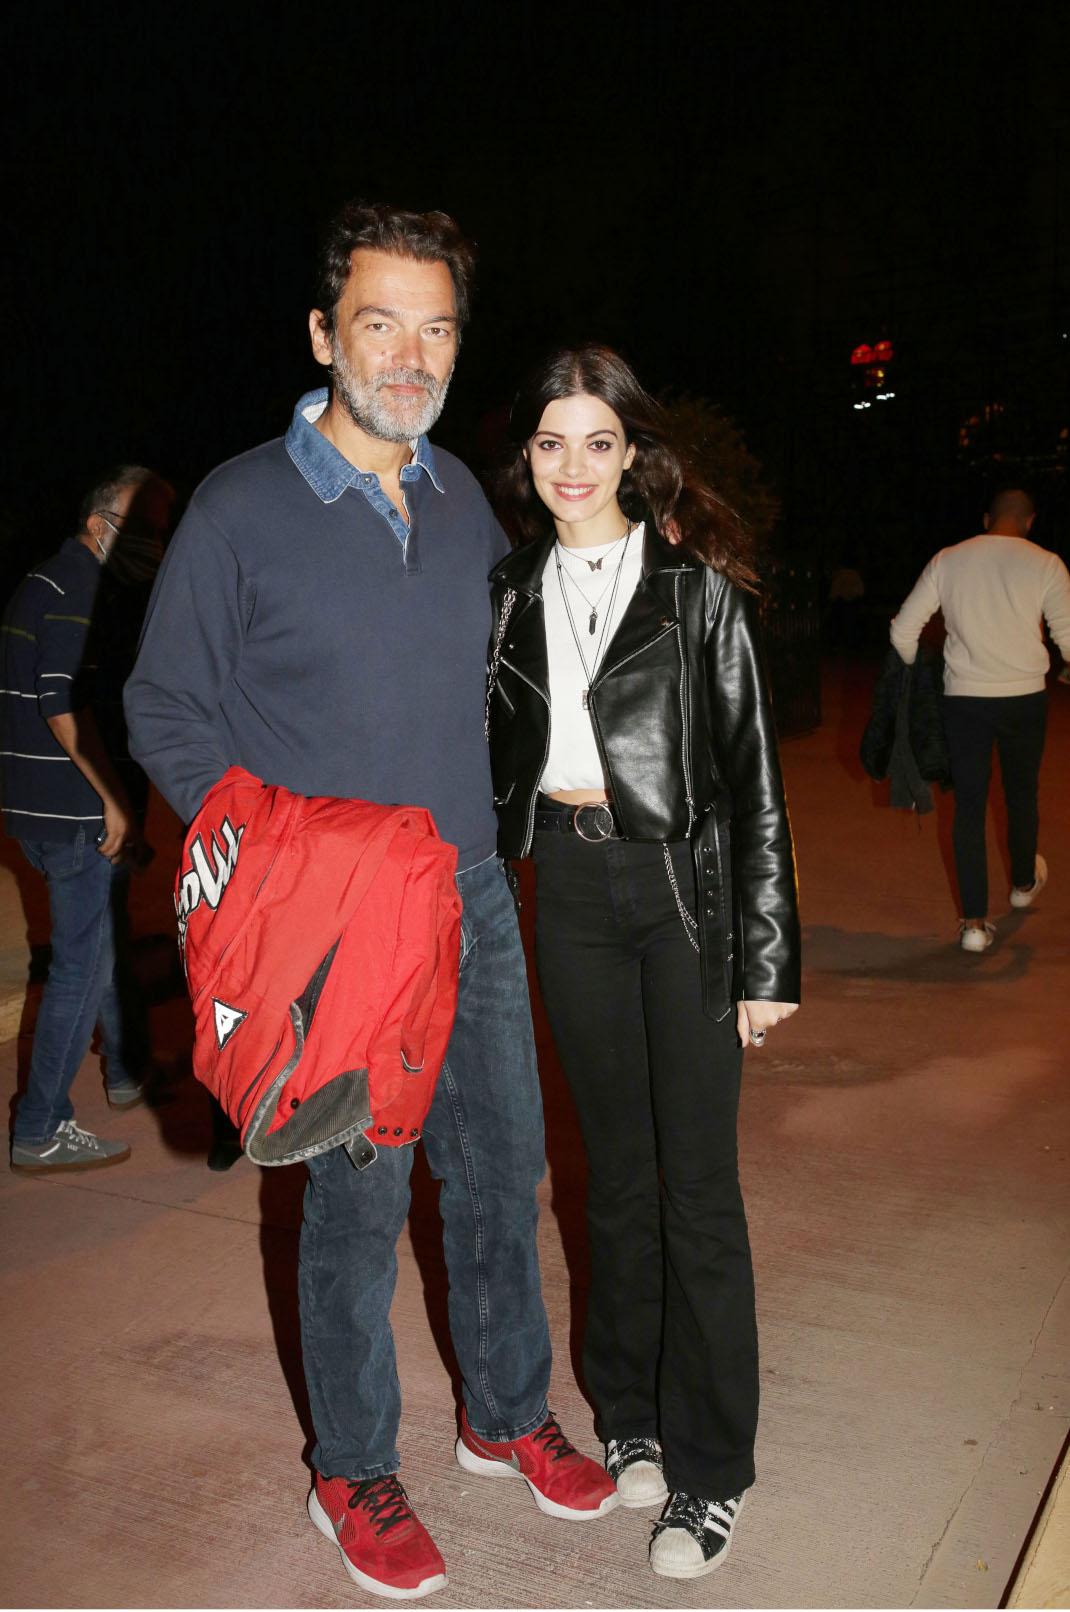 Ο Κωνσταντίνος Καζάκος με την κόρη του, Τζένη πήγαν θέατρο